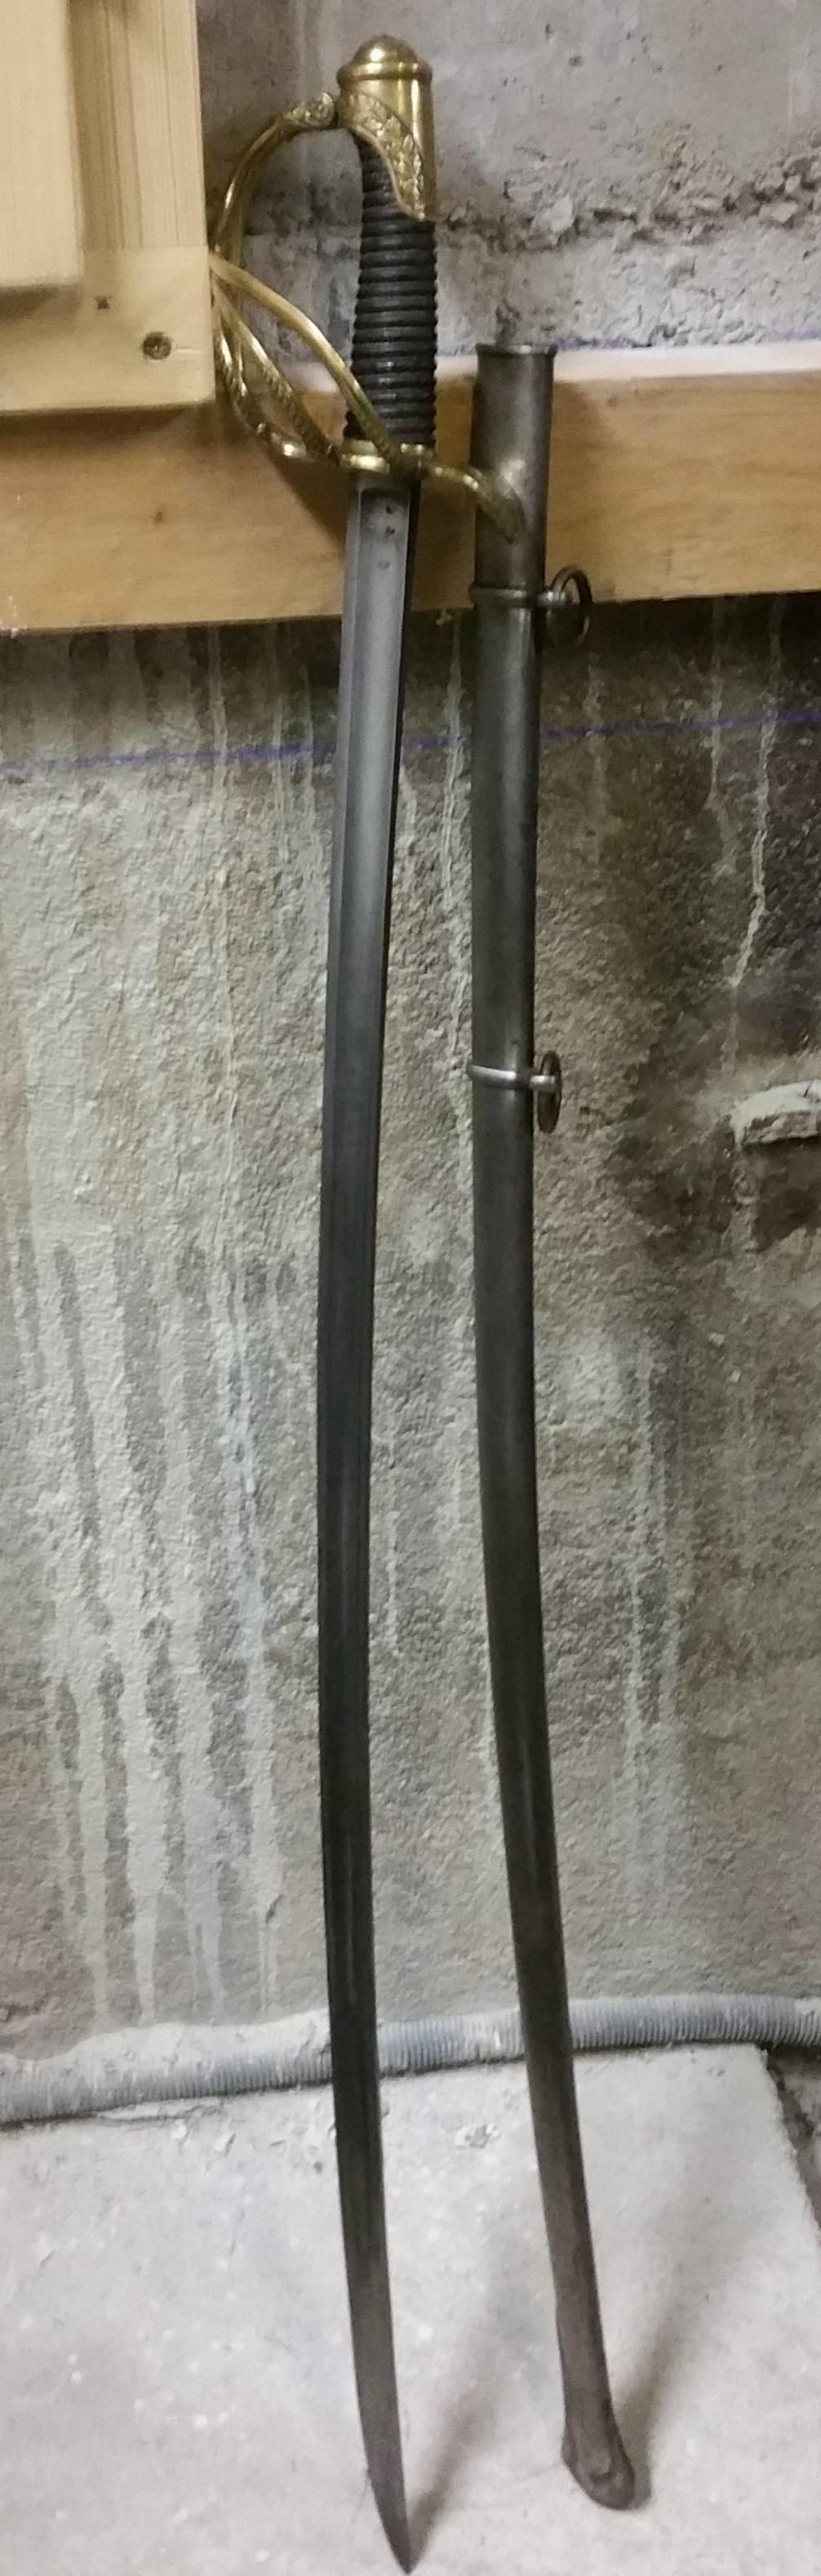 Et un sabre Mle 1822 de la ligne d'officier matriculé de plus !! 4c_610